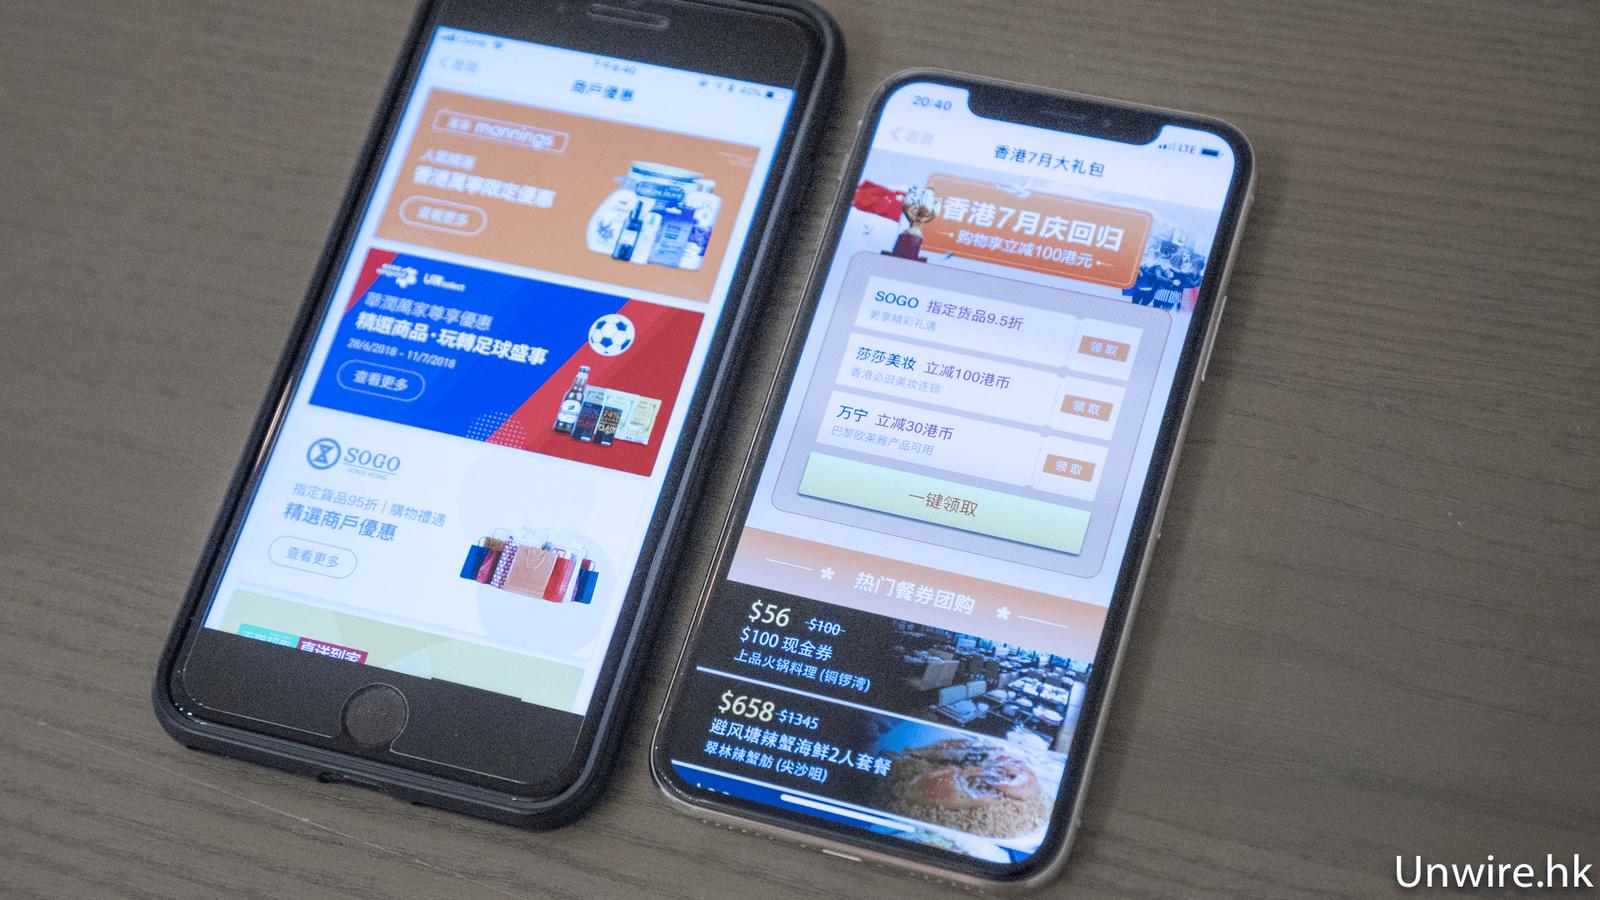 【教學】Alipay HK vs 支付寶中國版 常見香港用家 3 大錯誤 - 香港 unwire.hk